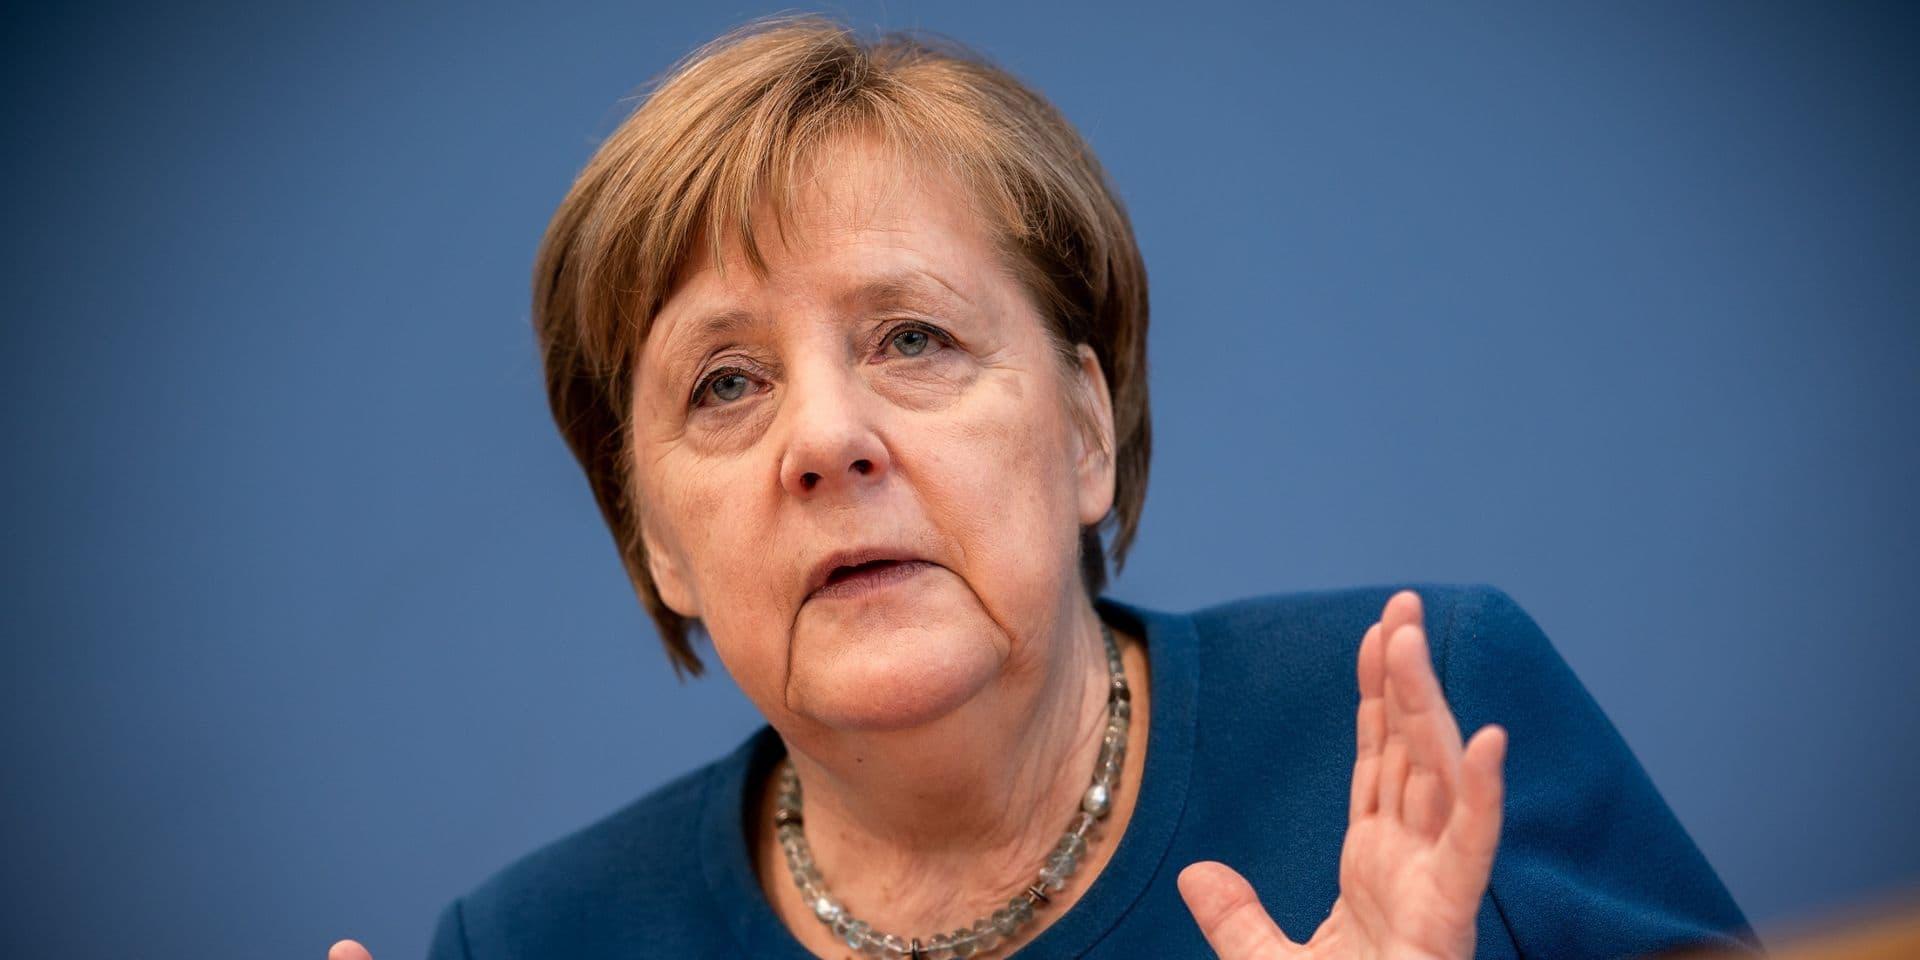 Comment Angela Merkel peut-elle affirmer que 60 à 70% de la population allemande sera contaminée par le coronavirus ?